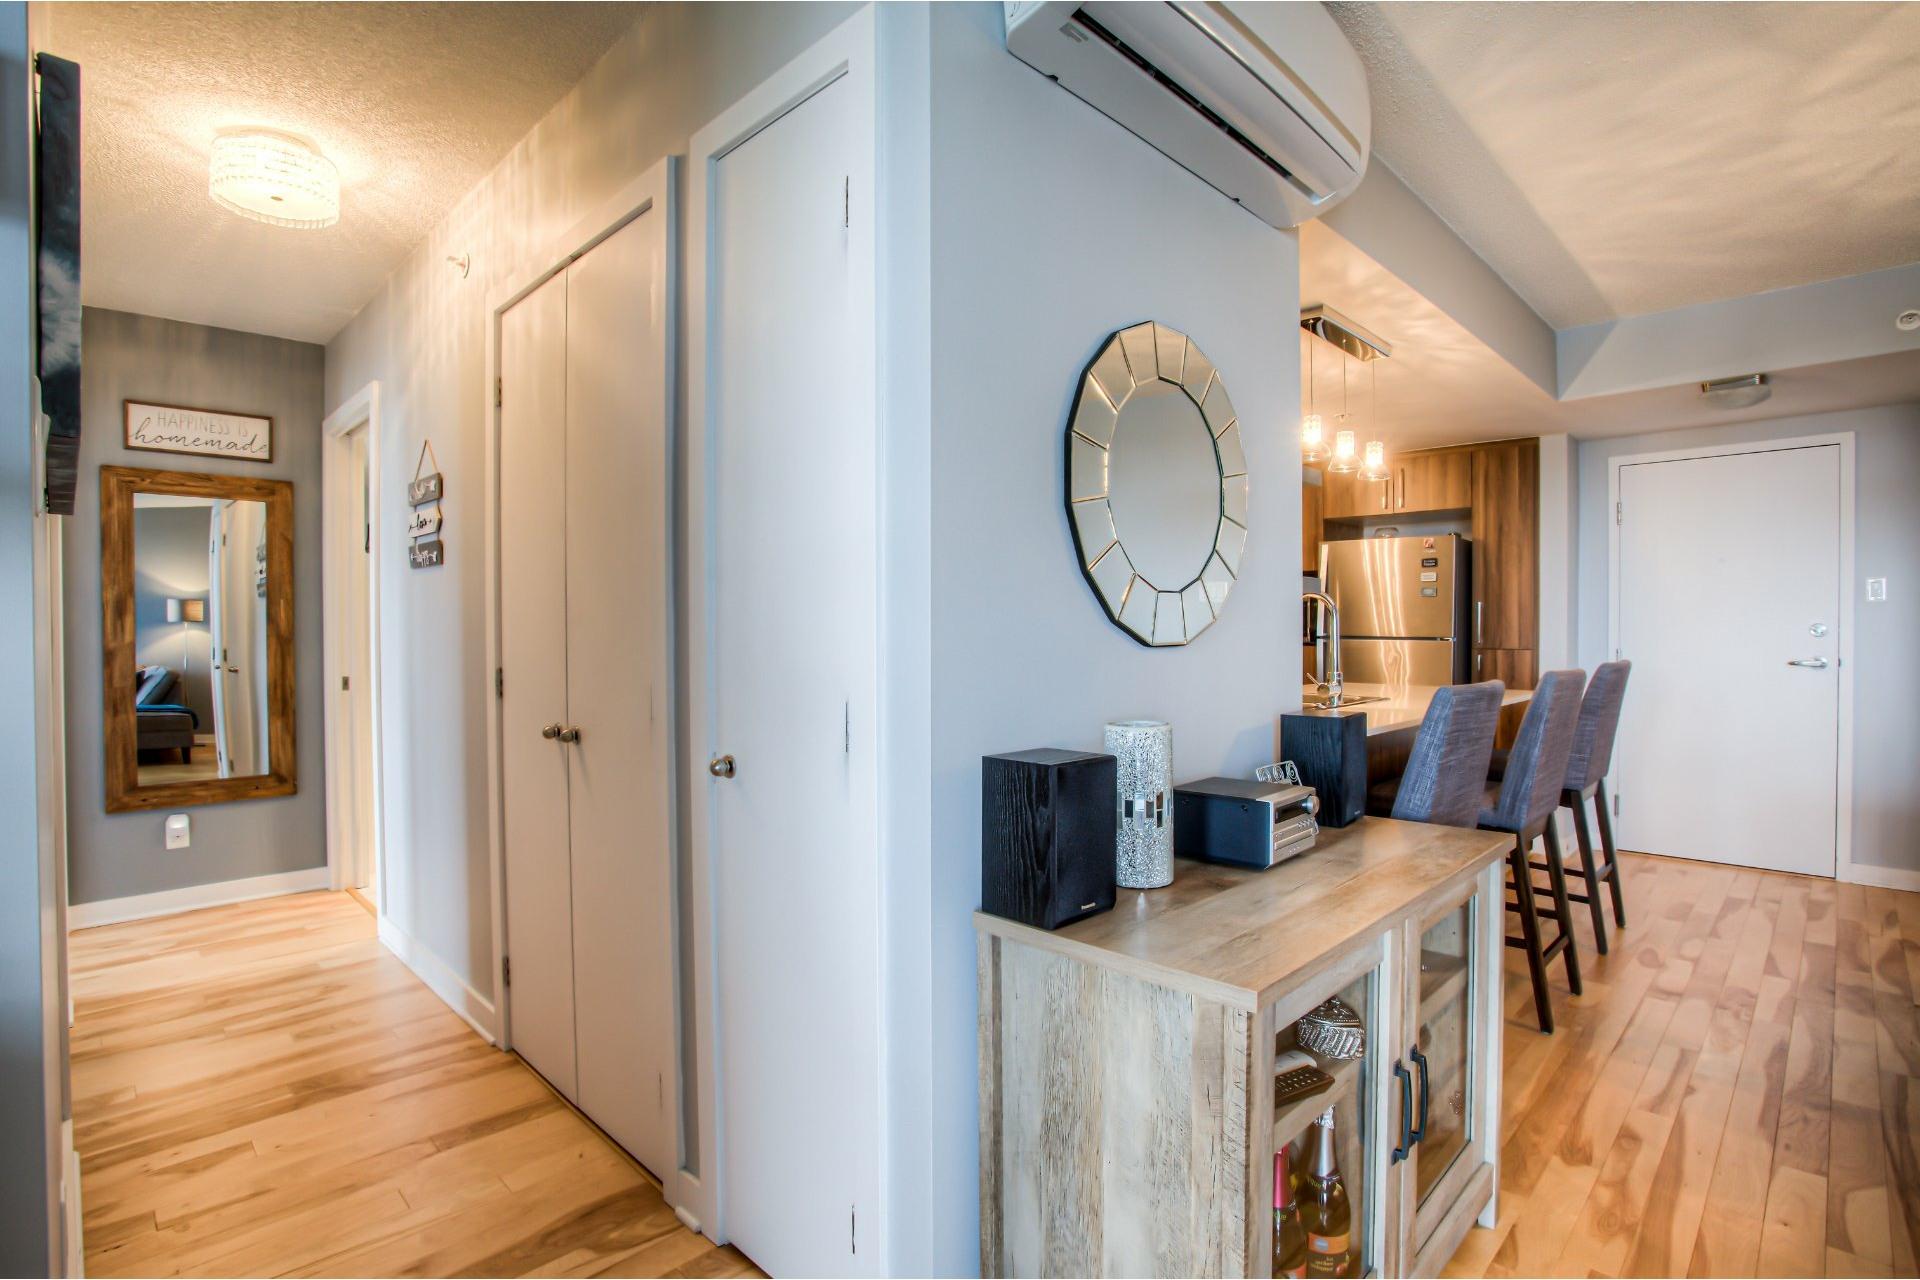 image 12 - Appartement À vendre Ahuntsic-Cartierville Montréal  - 5 pièces